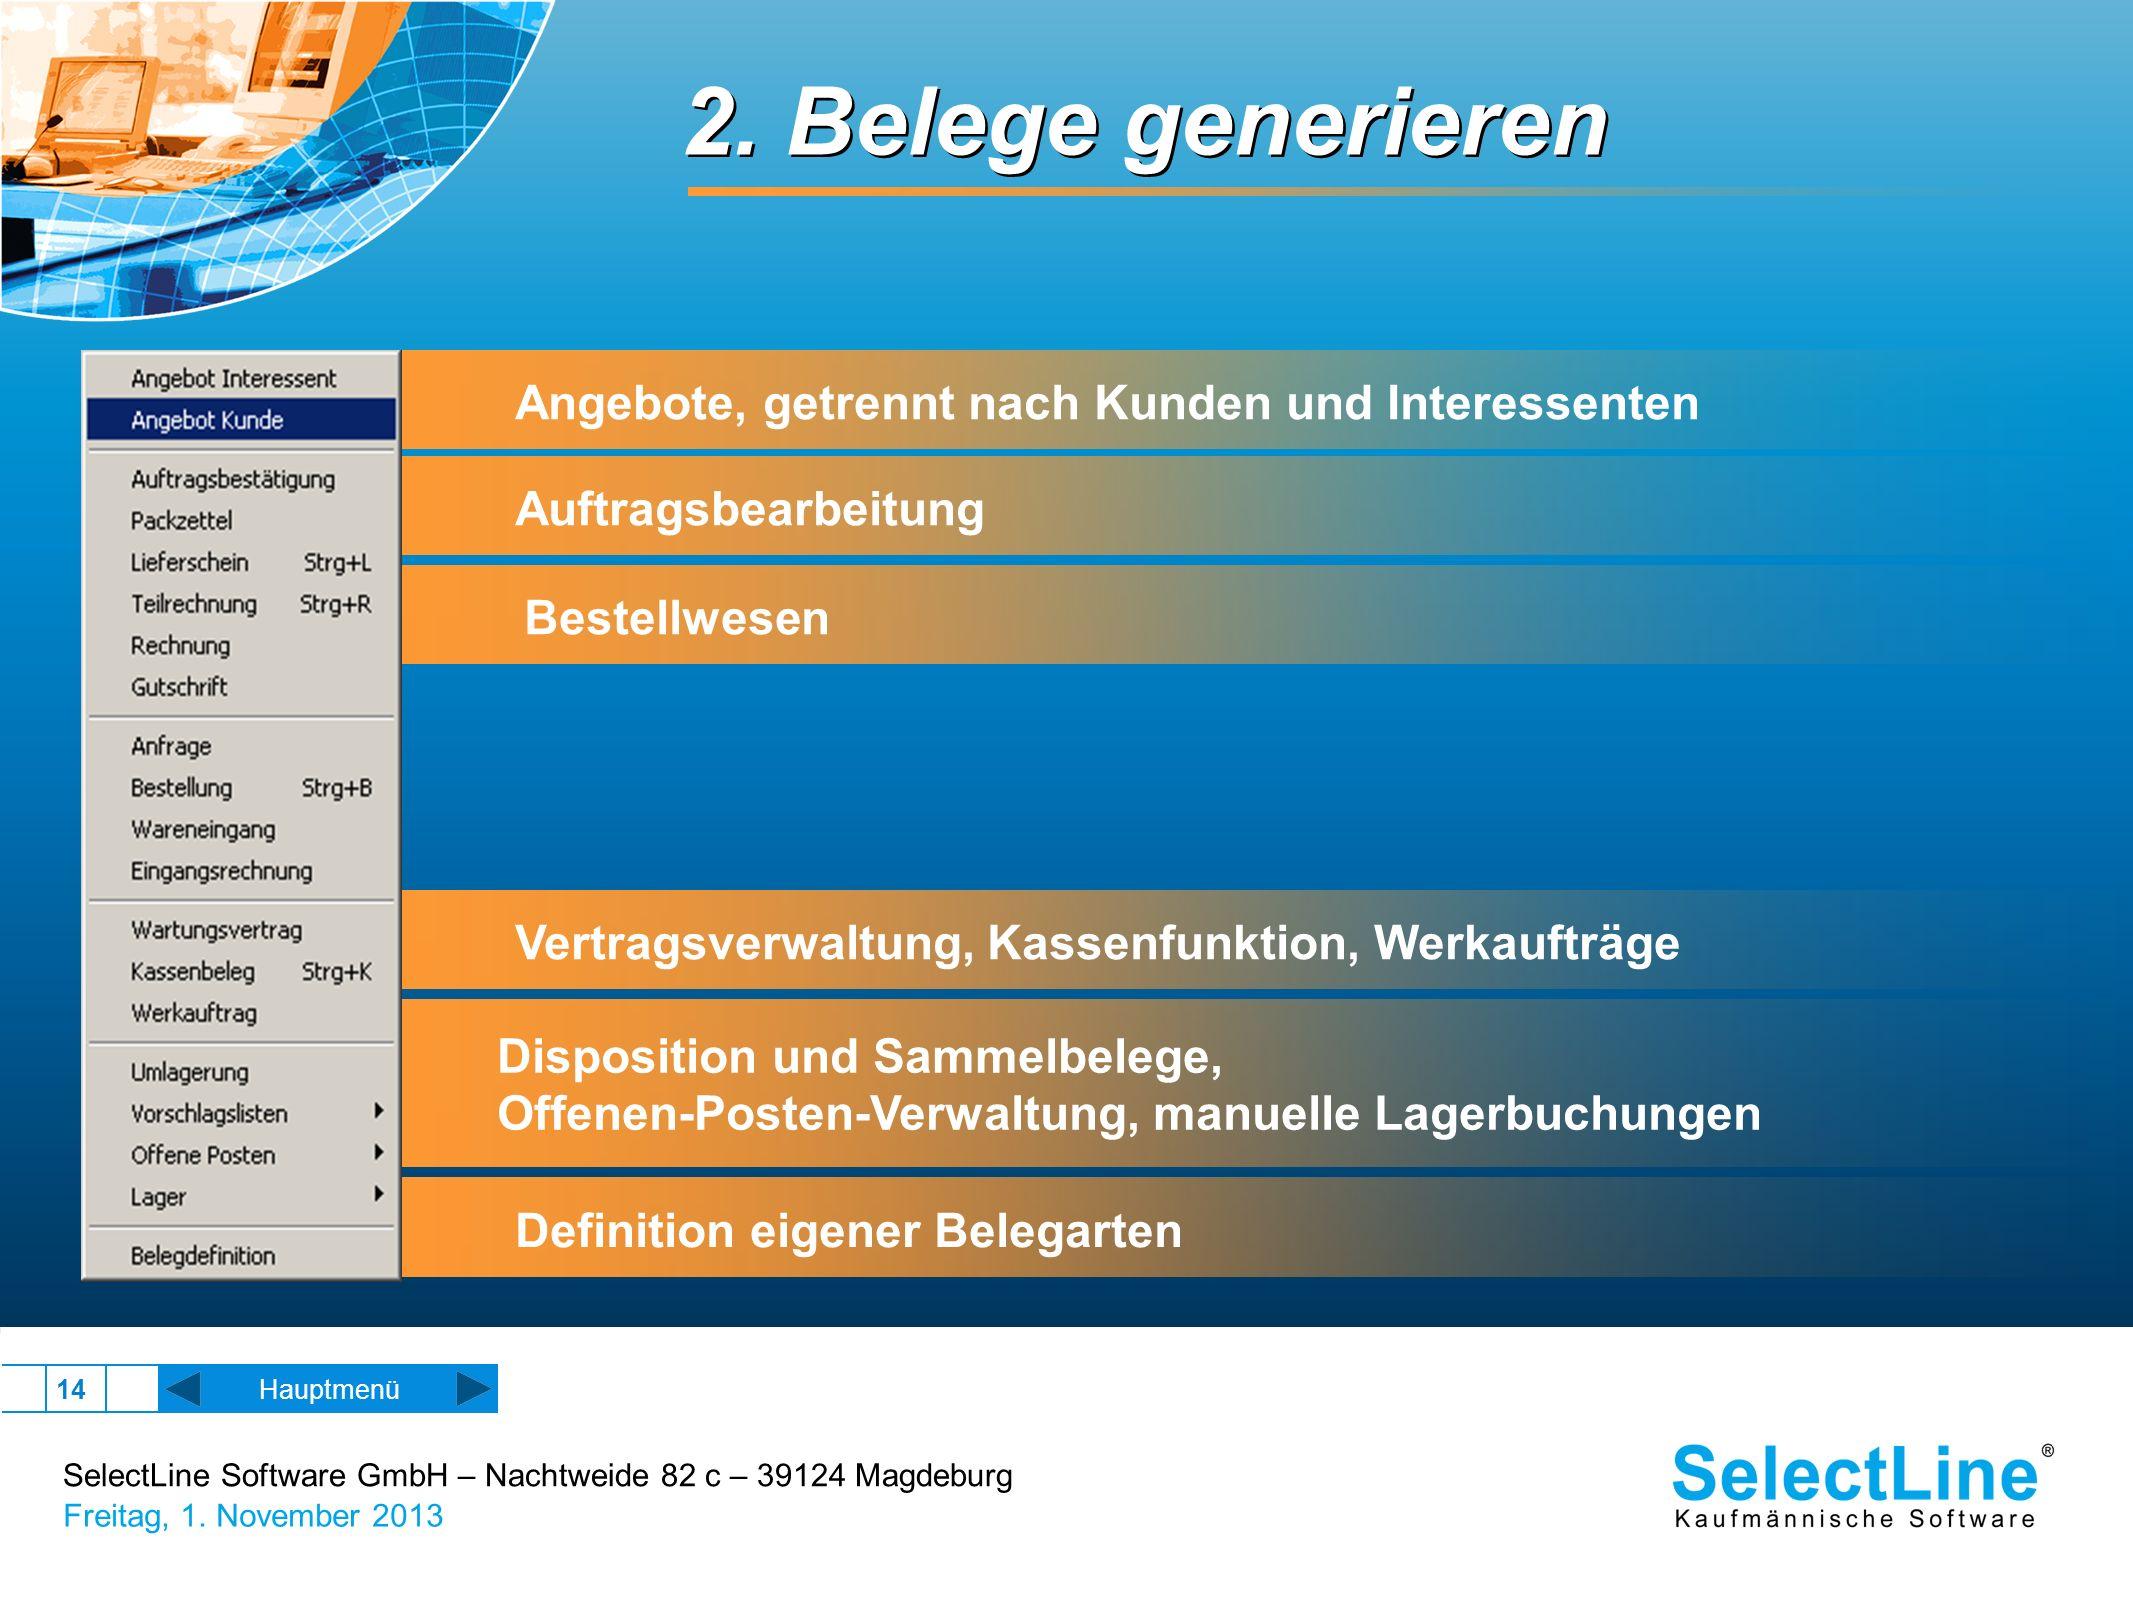 SelectLine Software GmbH – Nachtweide 82 c – 39124 Magdeburg Freitag, 1. November 2013 14 Definition eigener Belegarten Disposition und Sammelbelege,